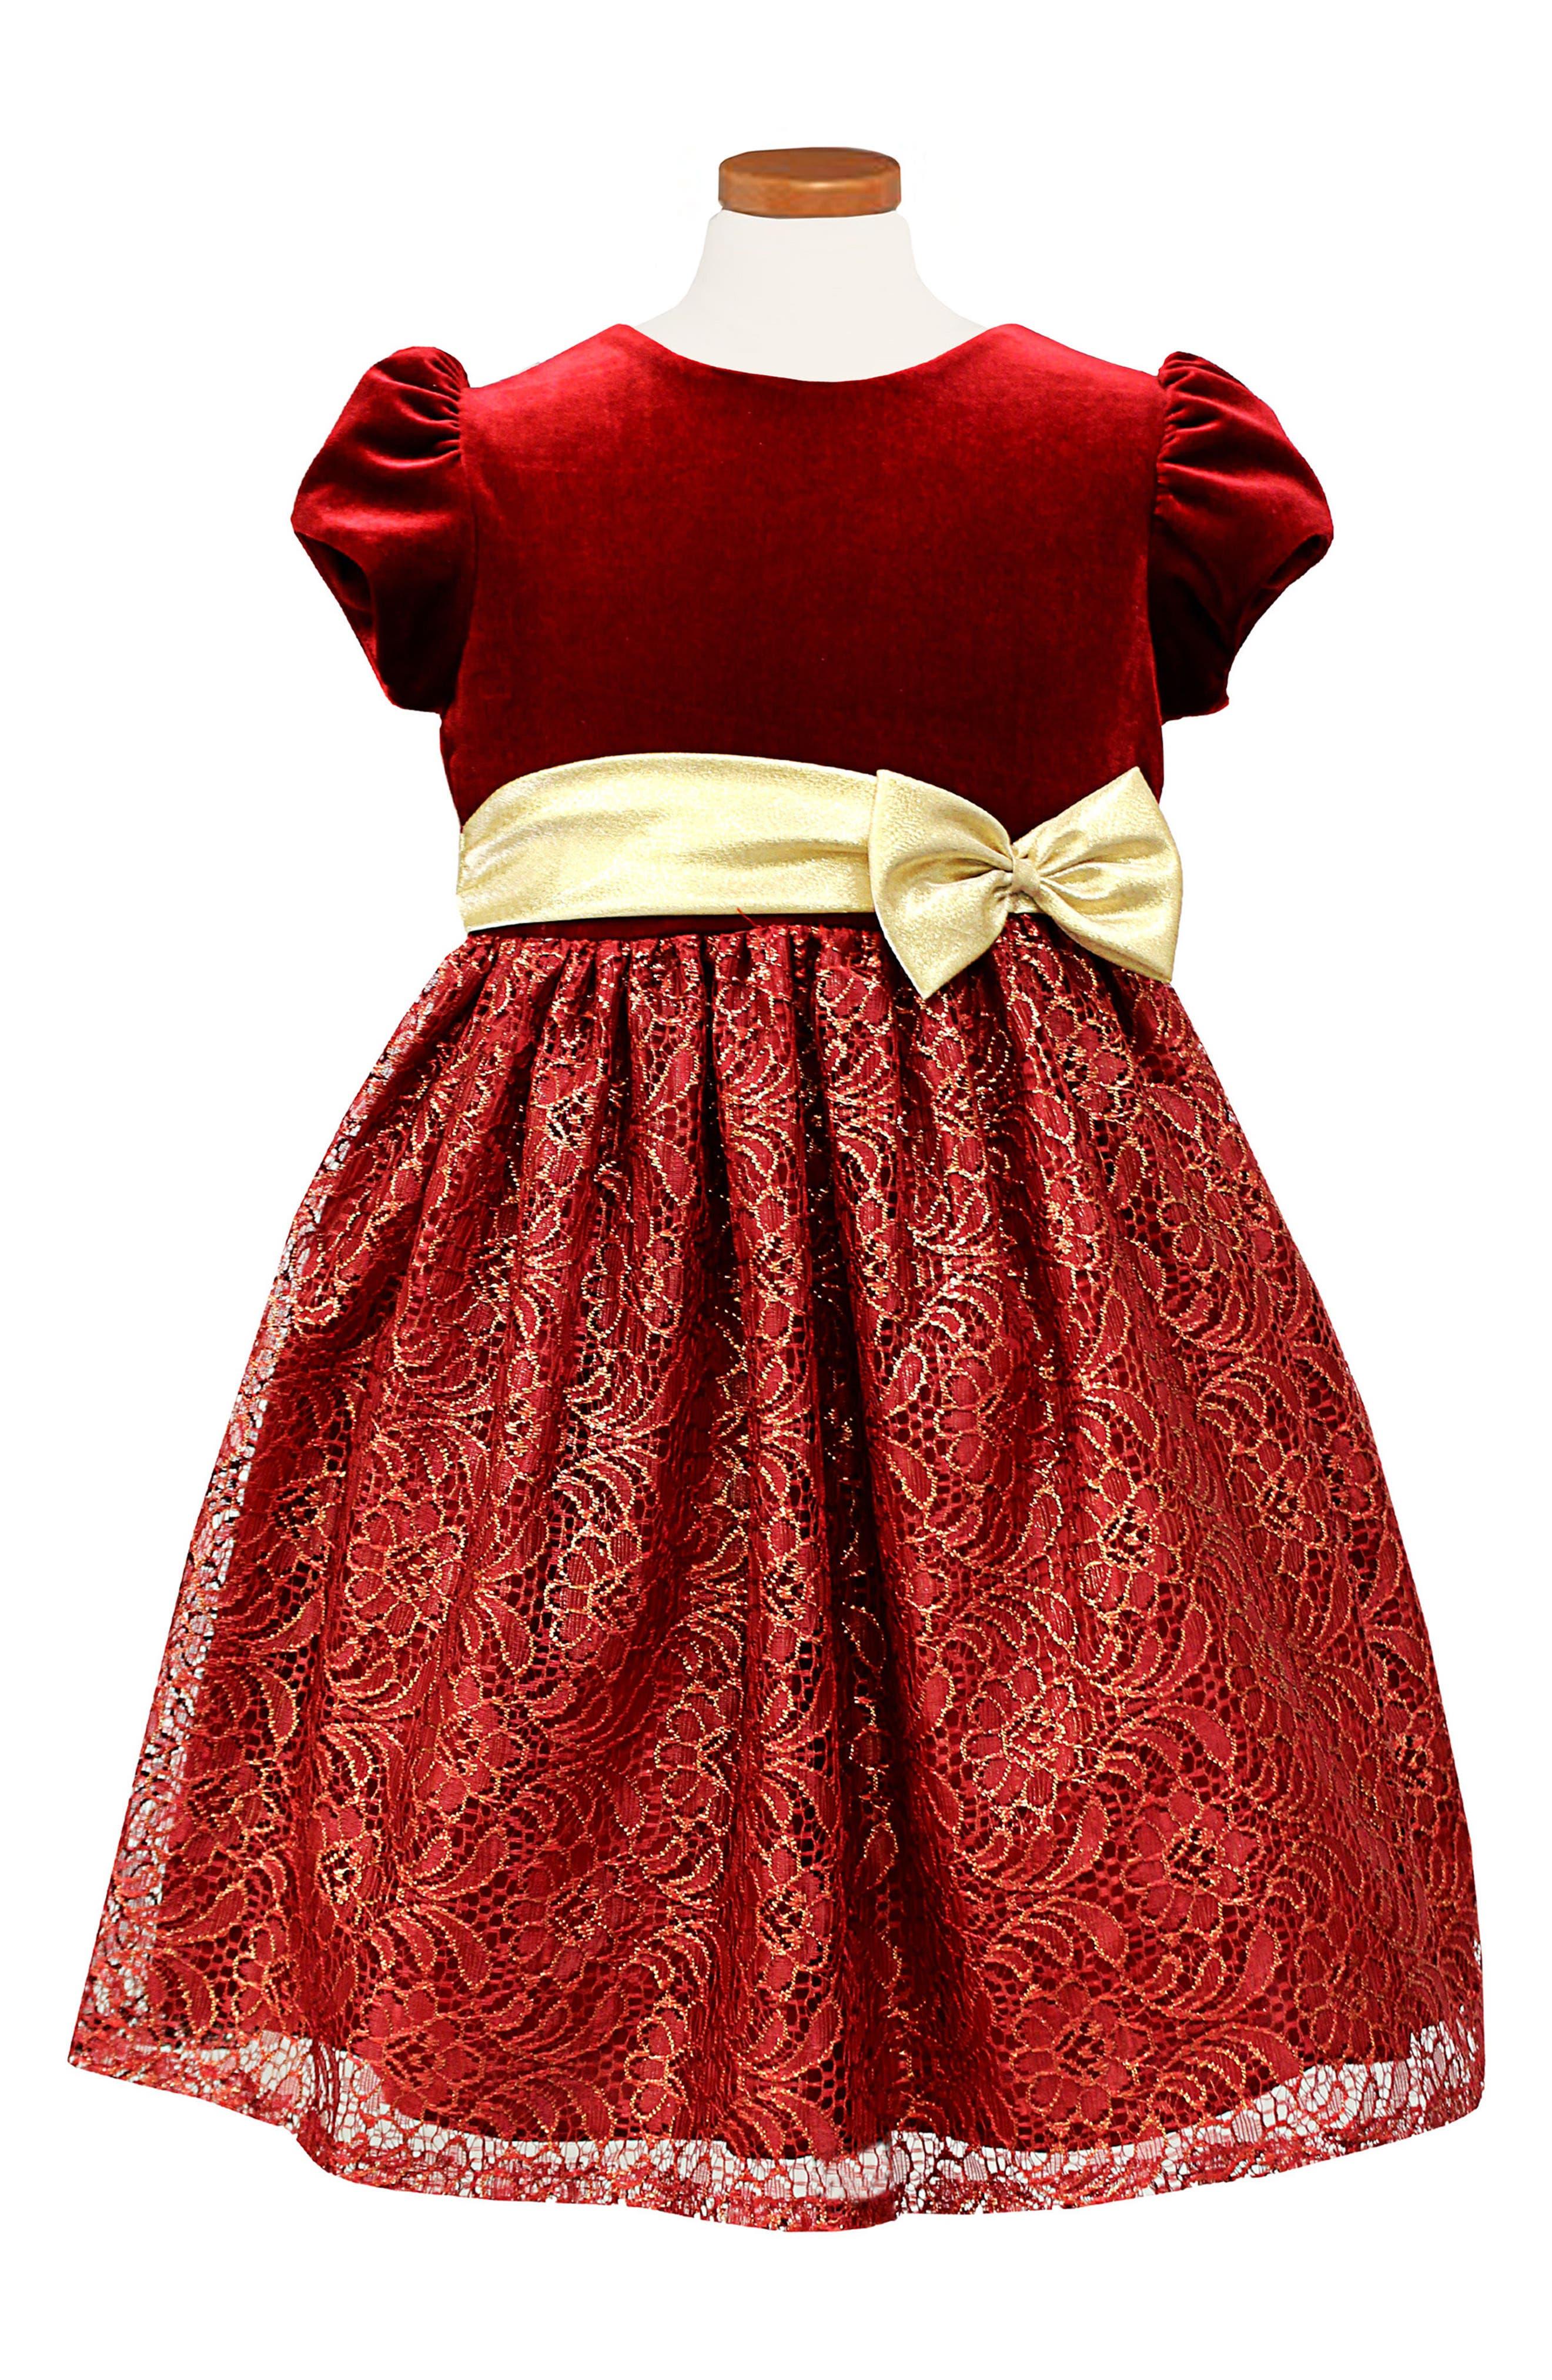 Main Image - Sorbet Velvet & Lace Dress (Toddler Girls & Little Girls)